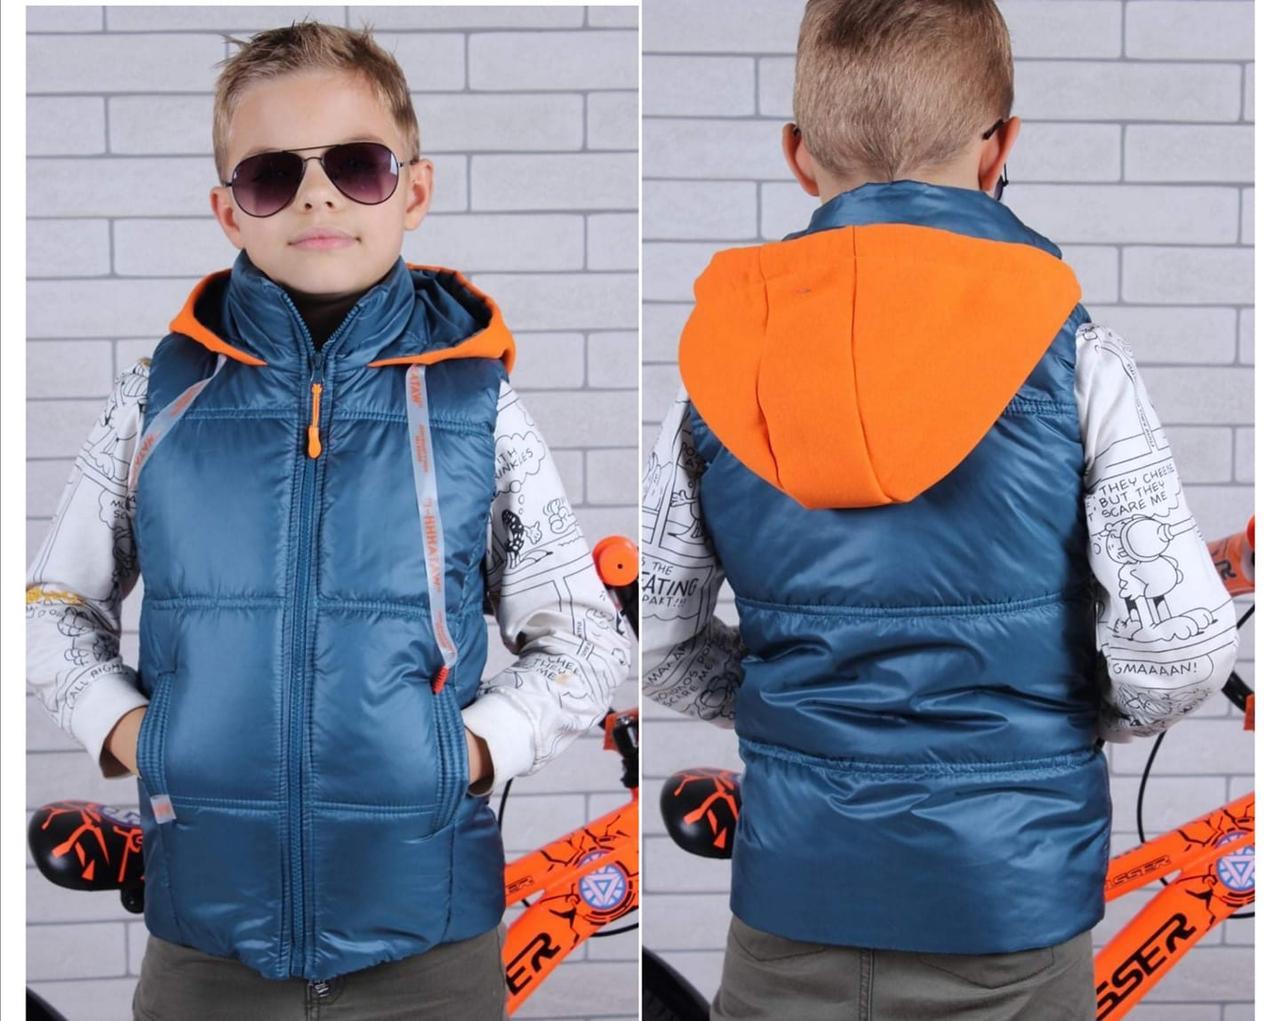 Стильные детские жилетки для мальчика  Sport Orange! 134-158 рост.